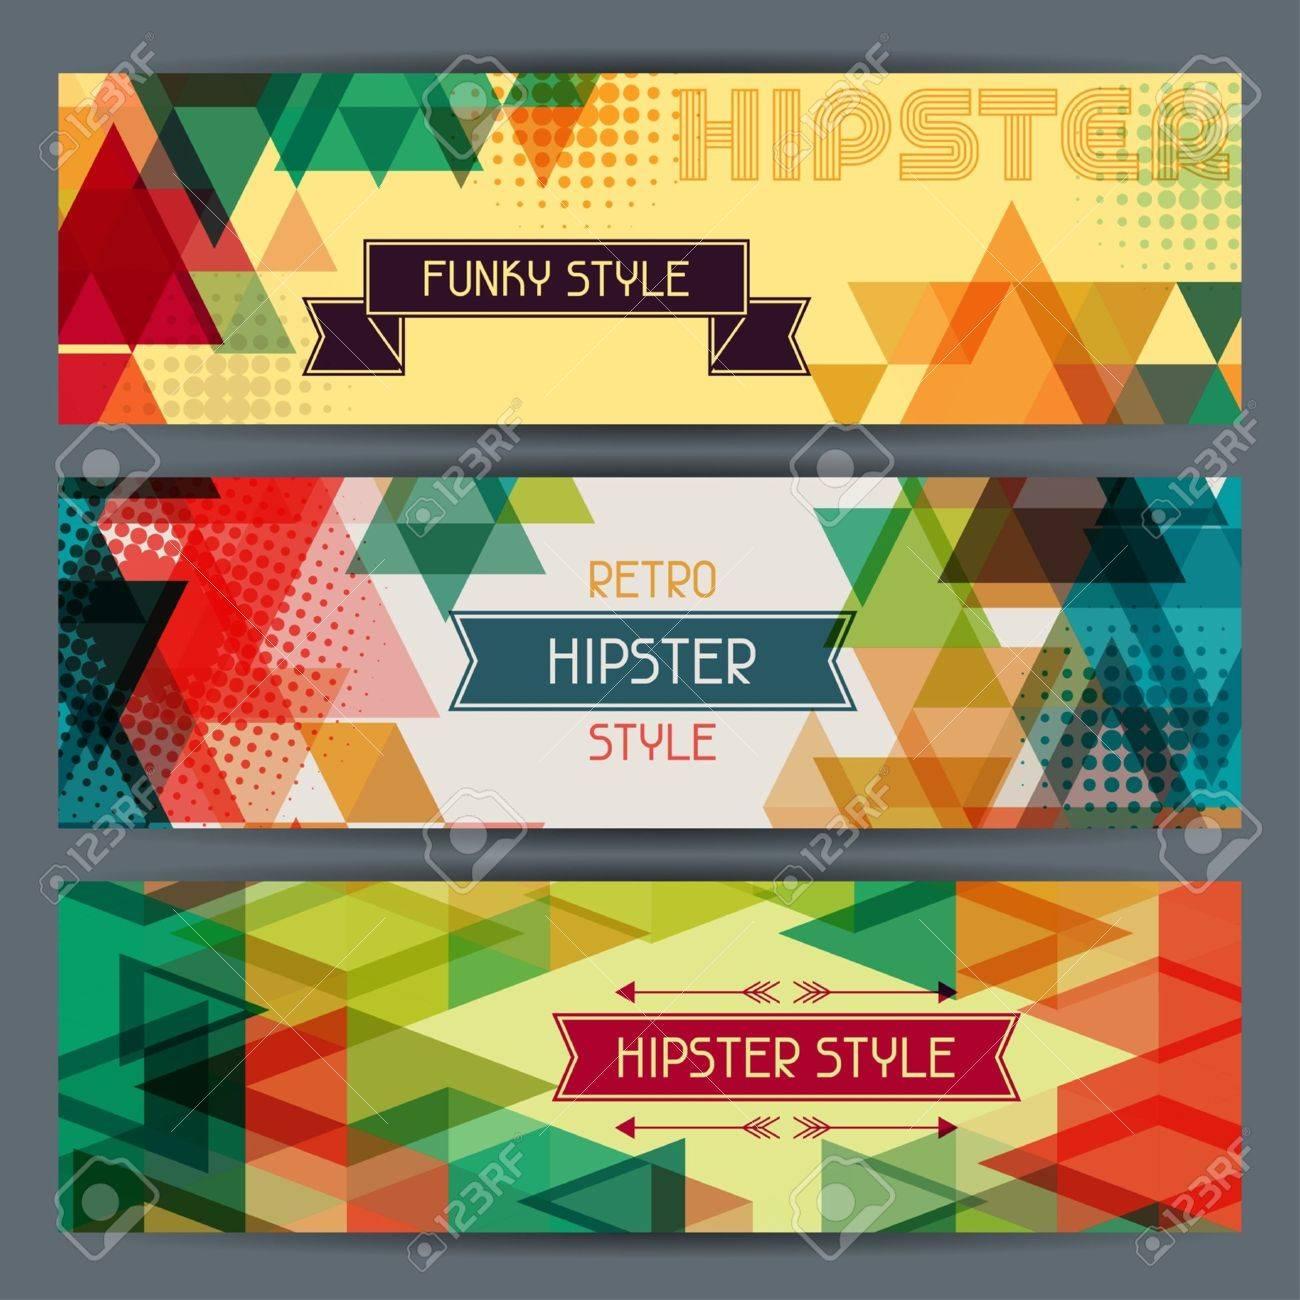 Hipster Poster Design Hipster Poster Banner